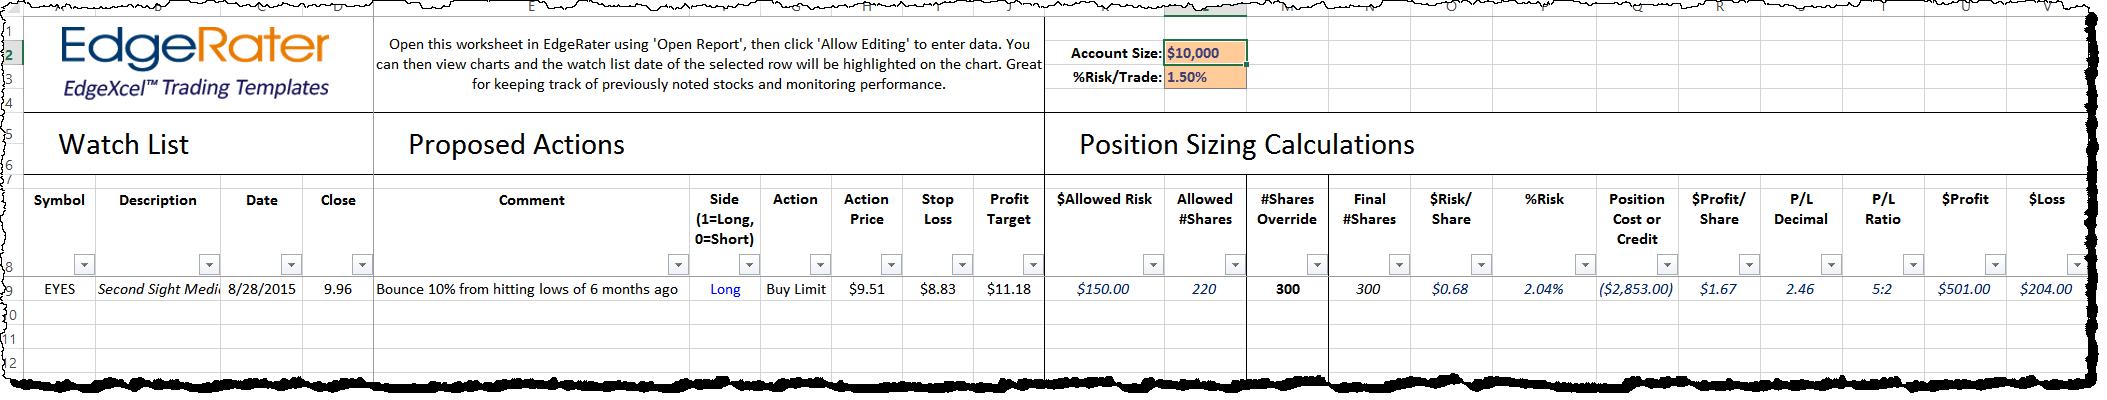 Position Sizing Worksheet